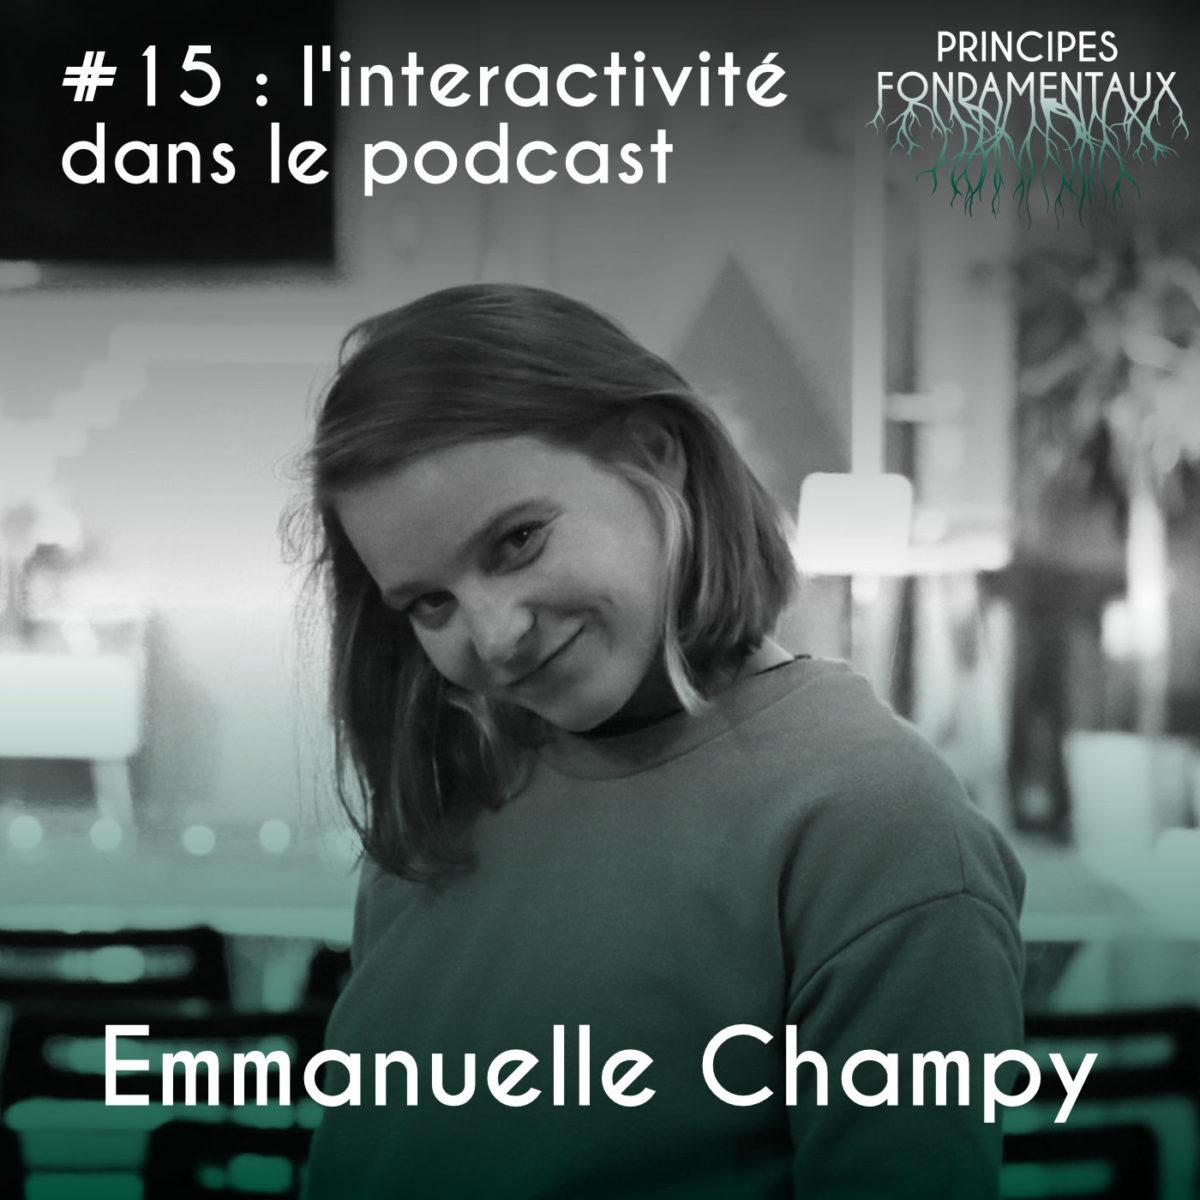 Couverture Podcast #15 Emmanuelle Champy